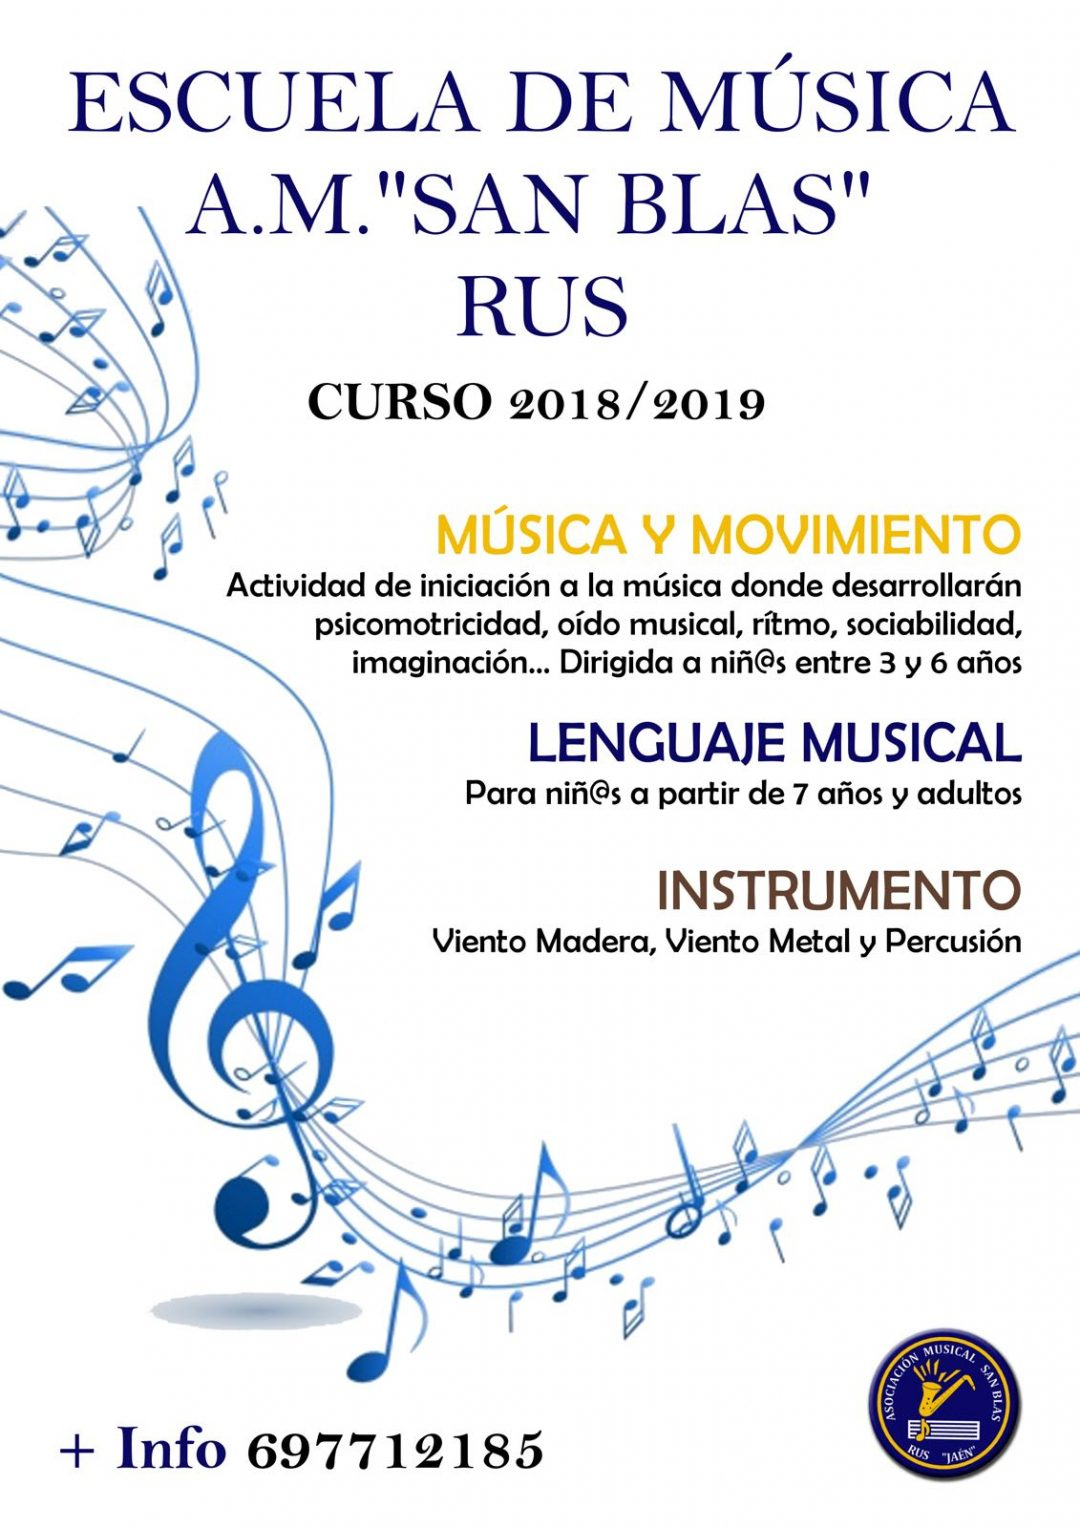 Escuela de Música AM San Blas – Curso 2018-2019